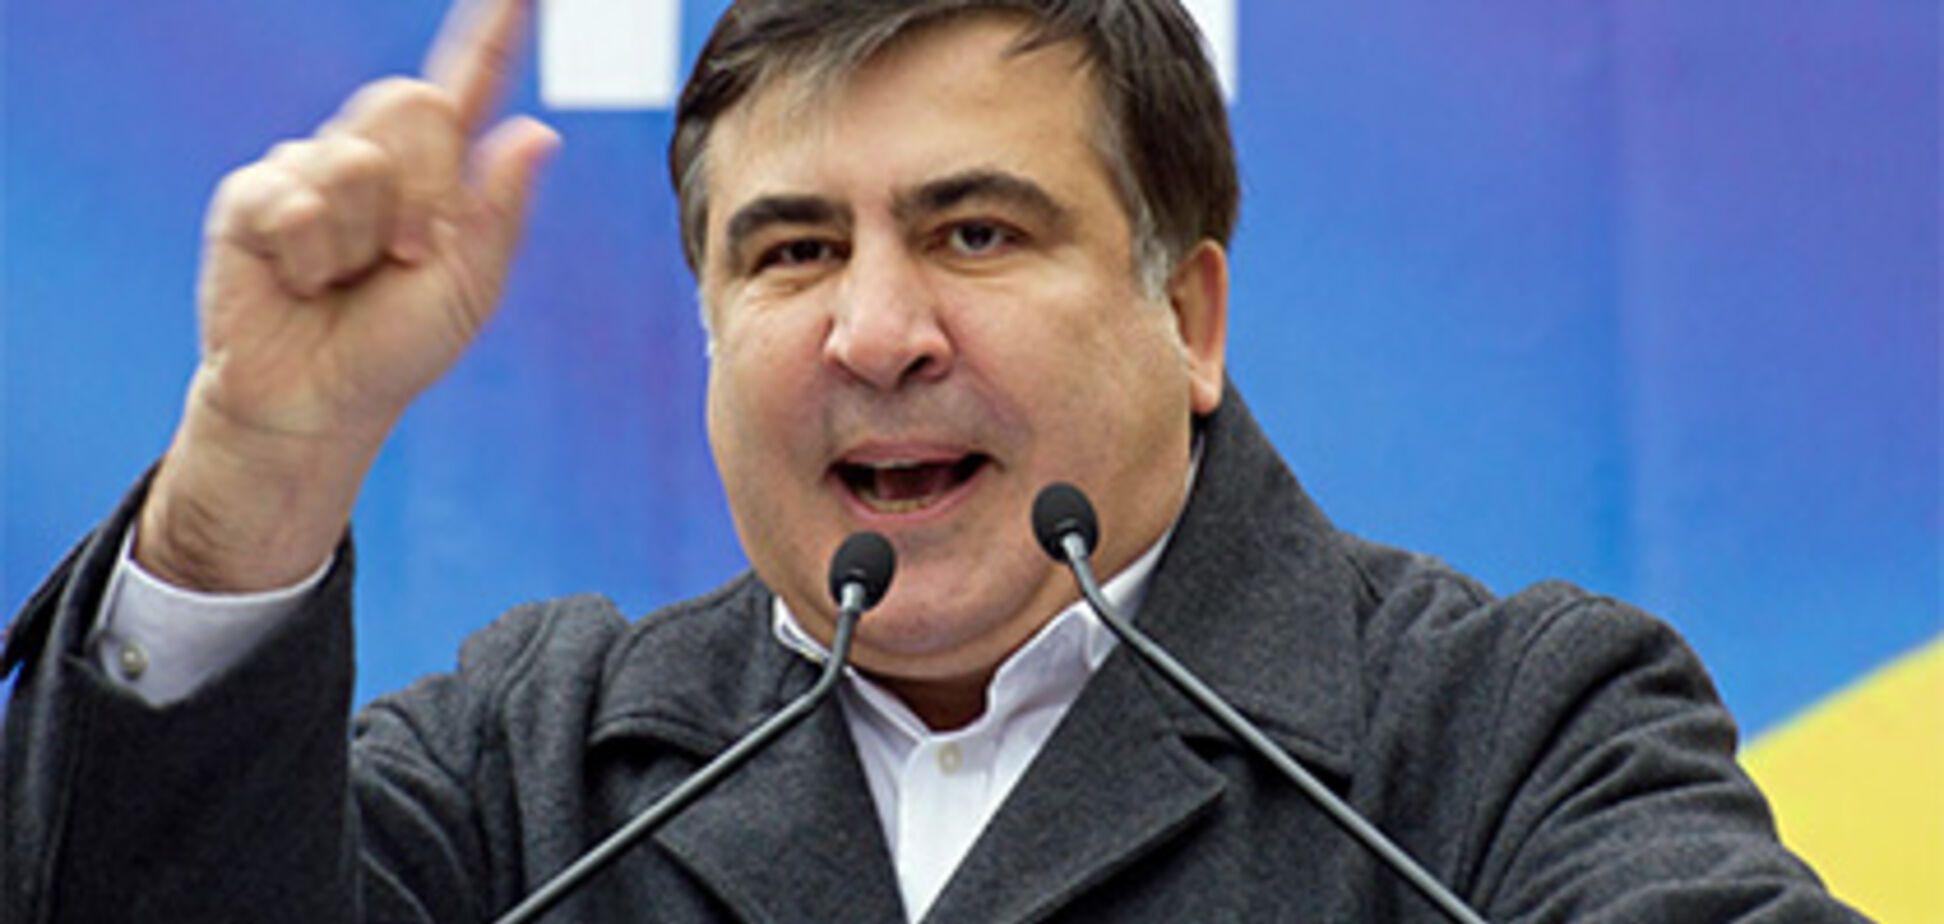 Передавшего в прокуратуру материалы о коррупции Саакашвили убили - Какабадзе